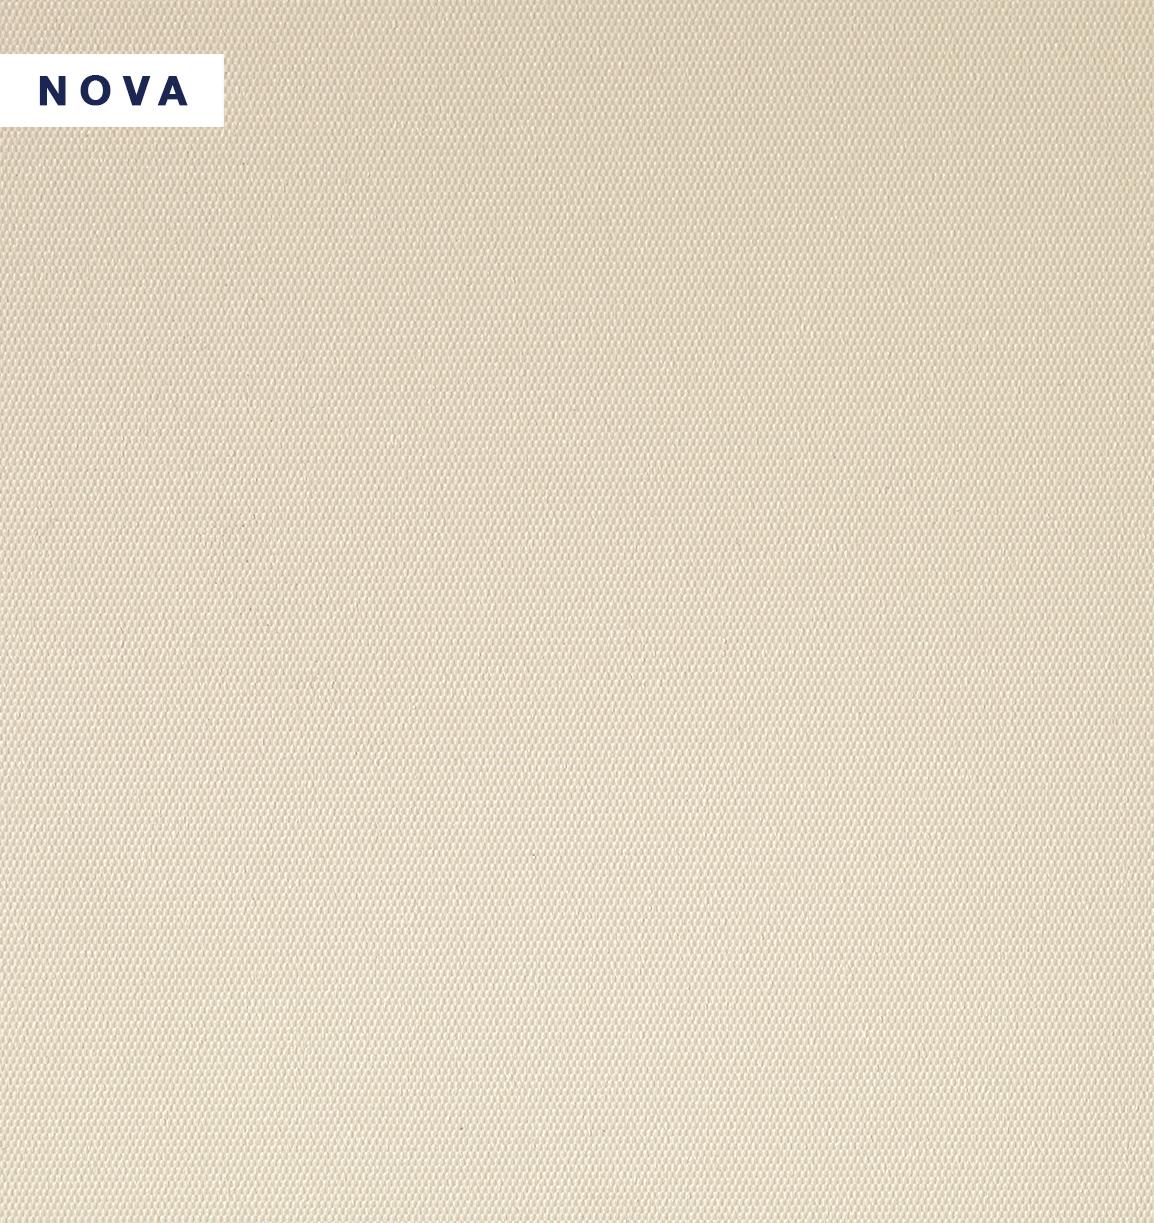 Duo Block - Nova.jpg